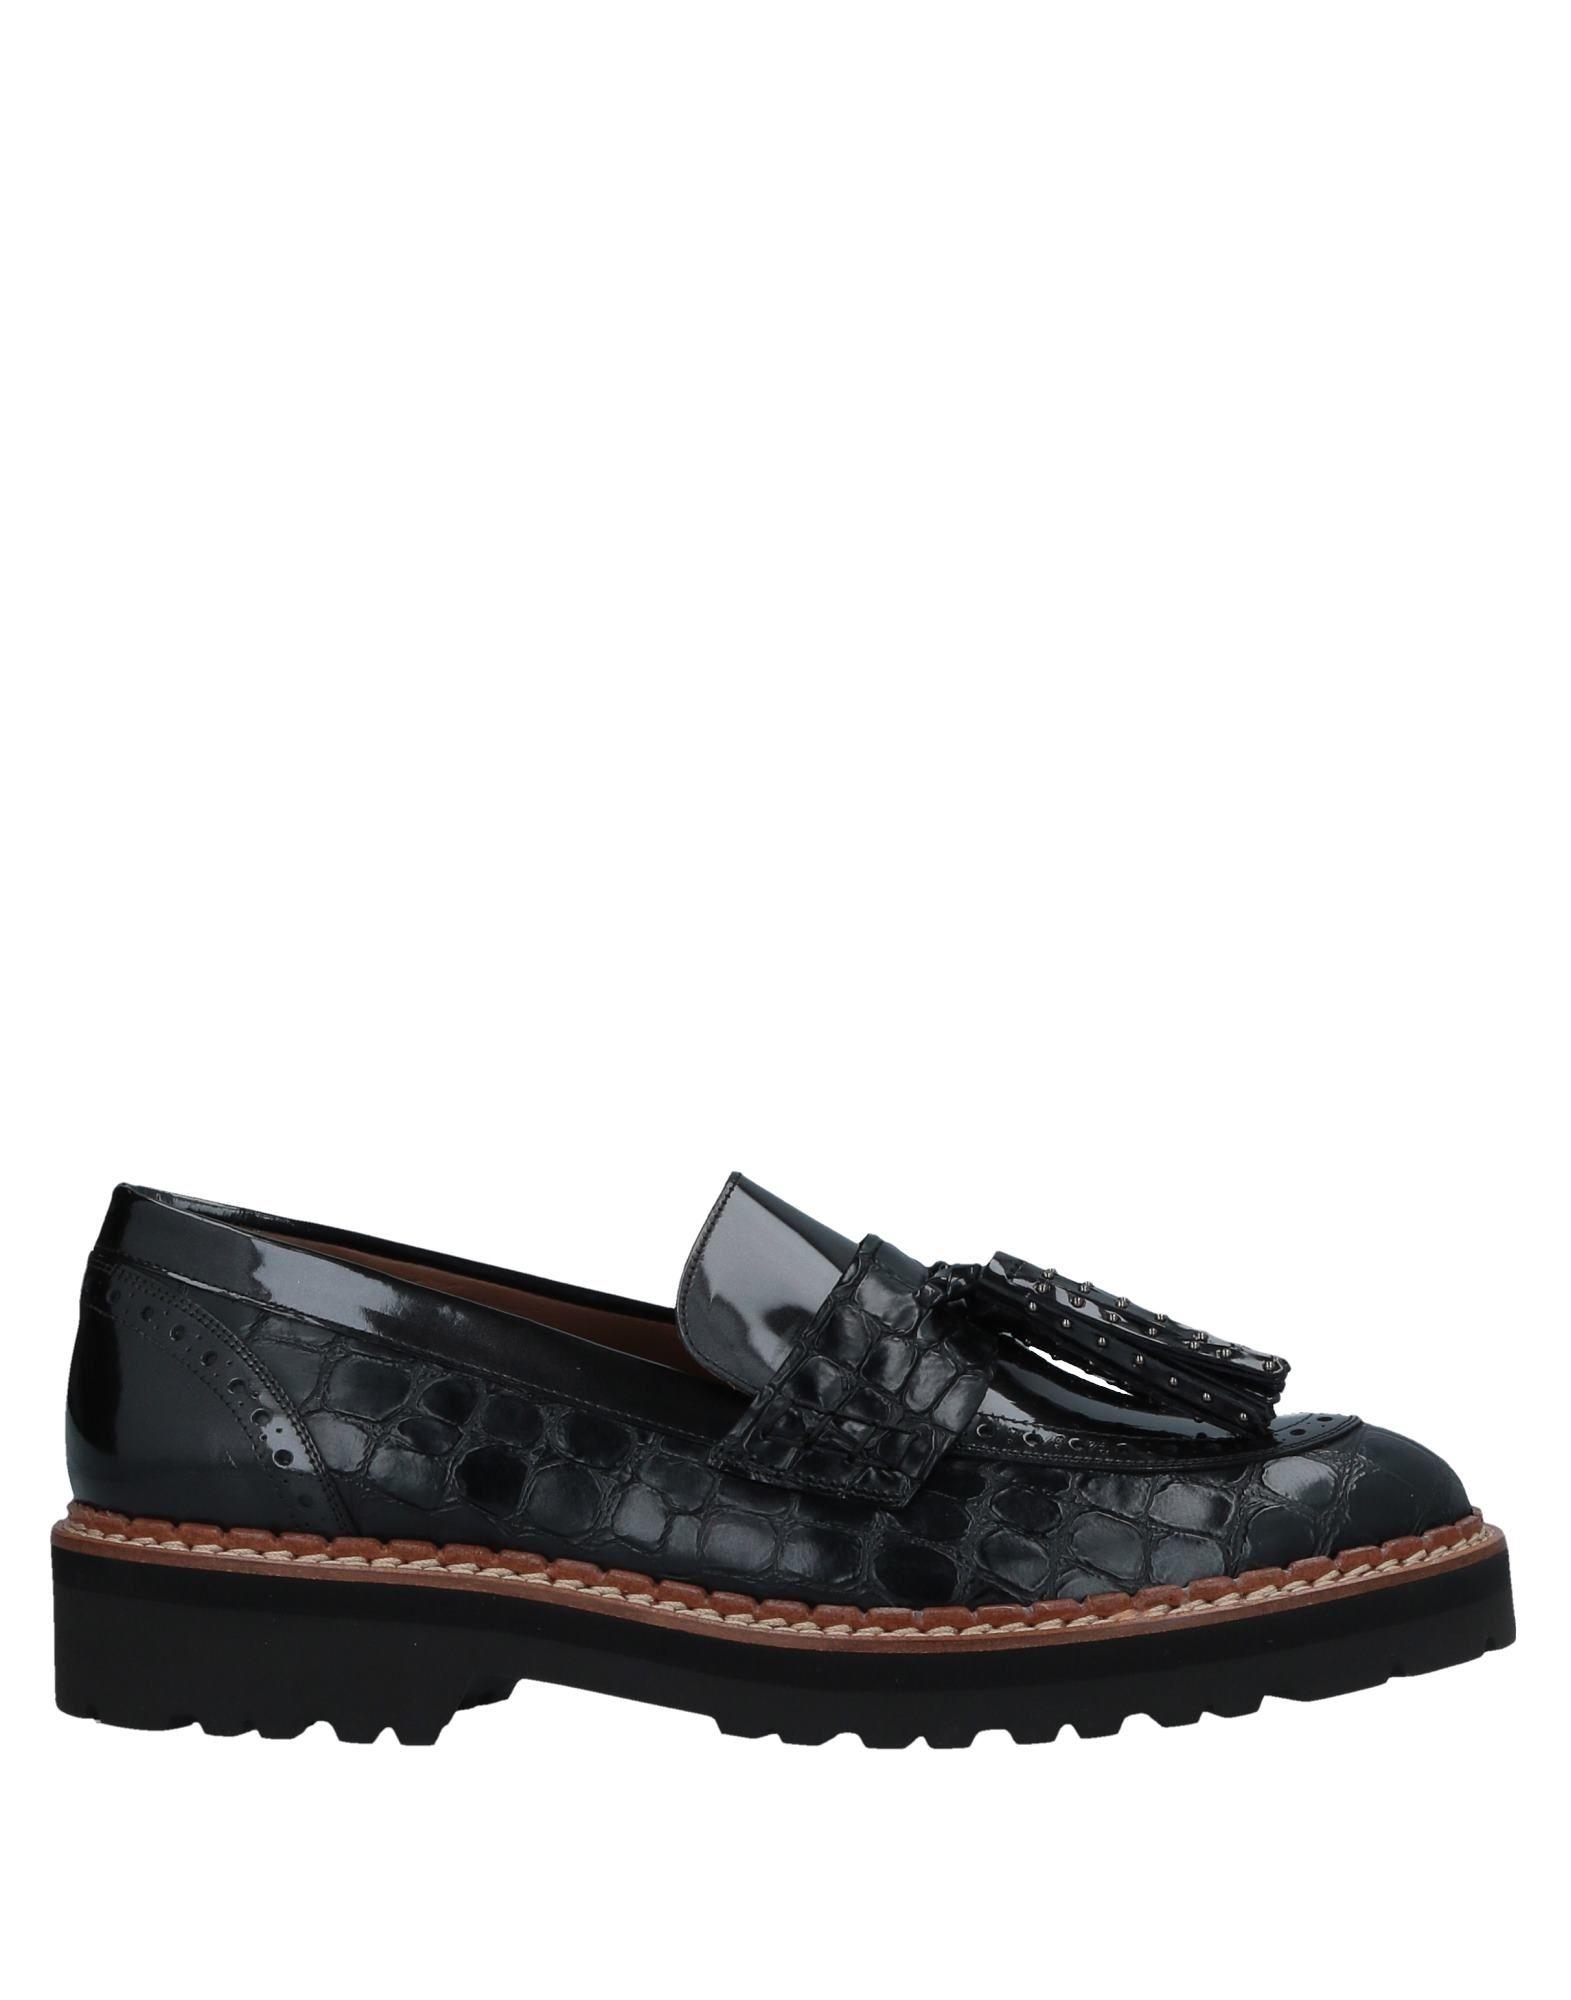 Pertini Mokassins Damen  11534815VN 11534815VN 11534815VN Gute Qualität beliebte Schuhe 42b4b1